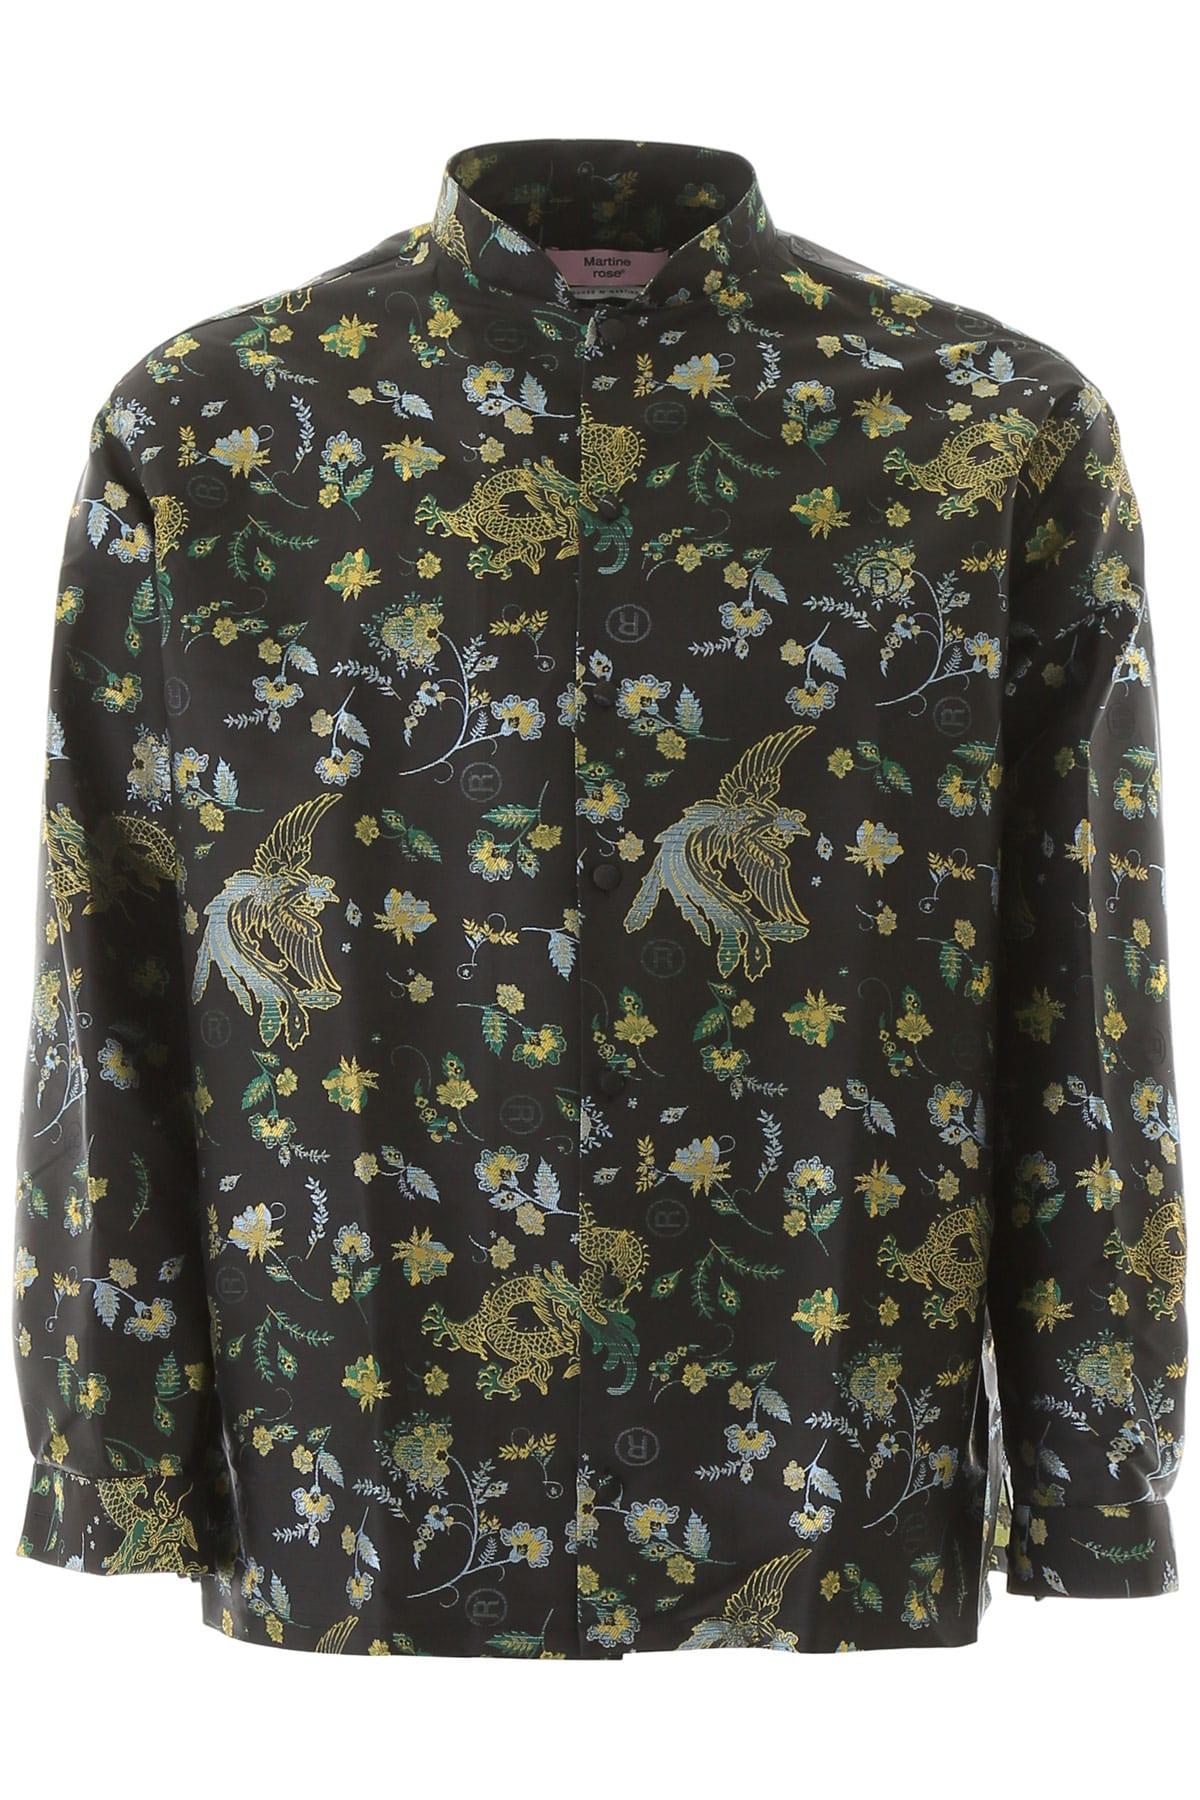 Martine Rose Tessanne Jacquard Shirt